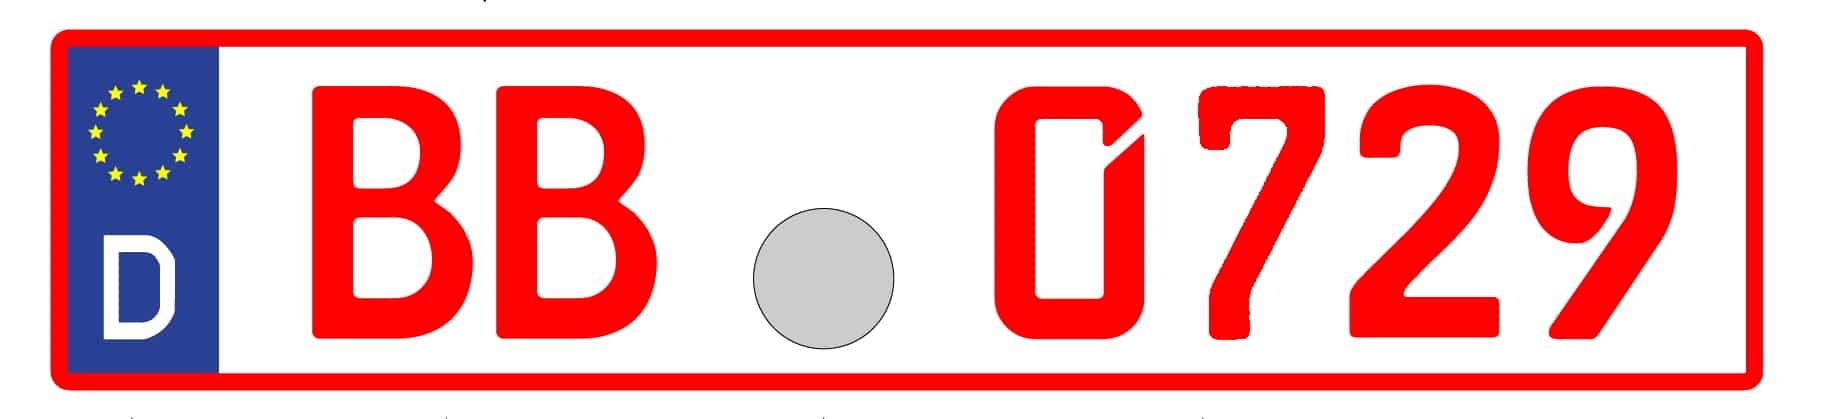 Rotes Oldtimerkennzeichen